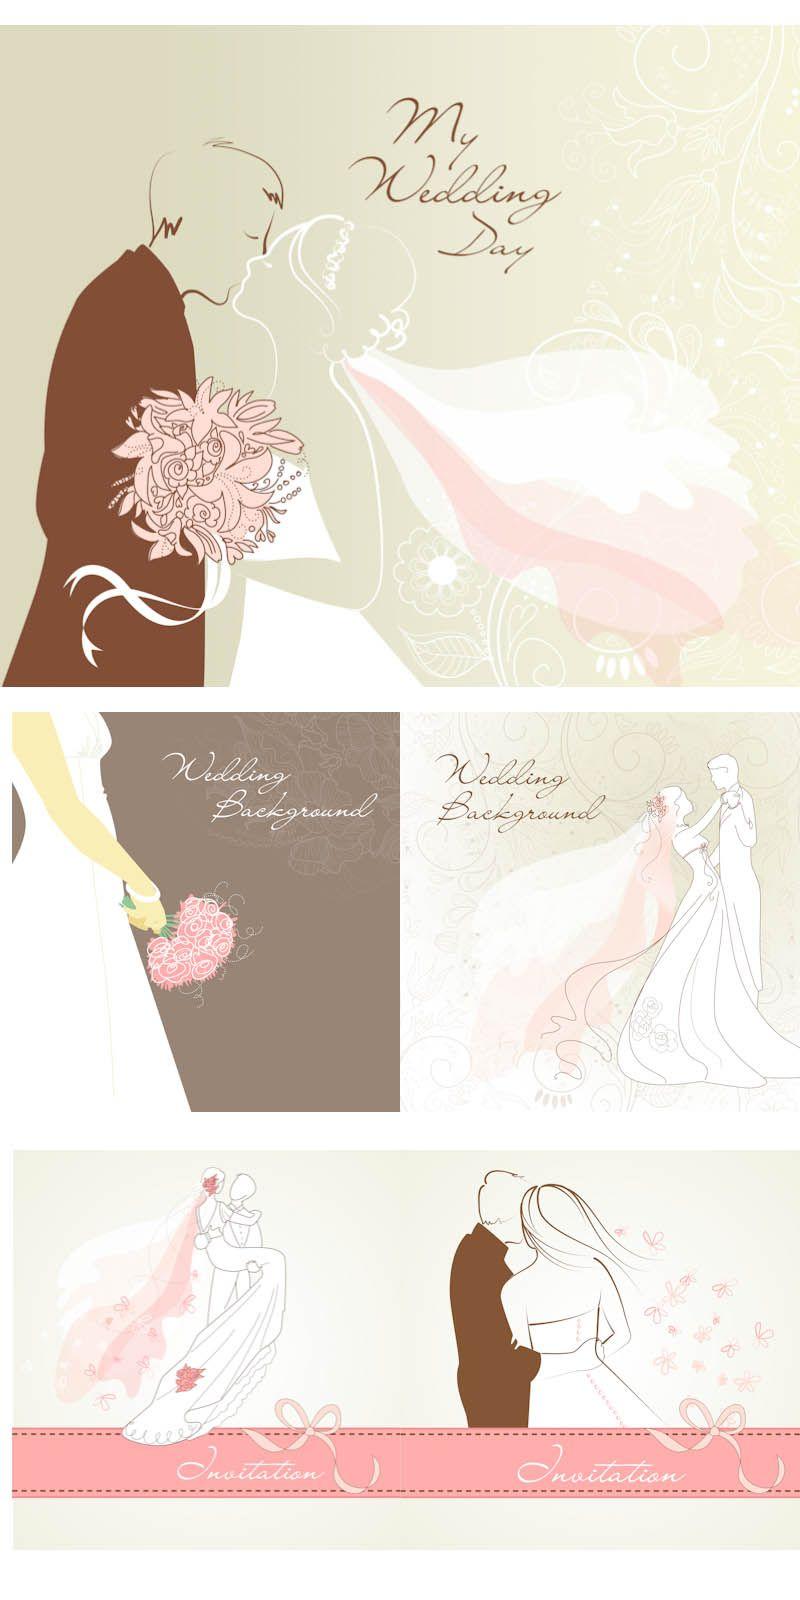 أشكال ثيمات زواج فارغة على شكل عروسة